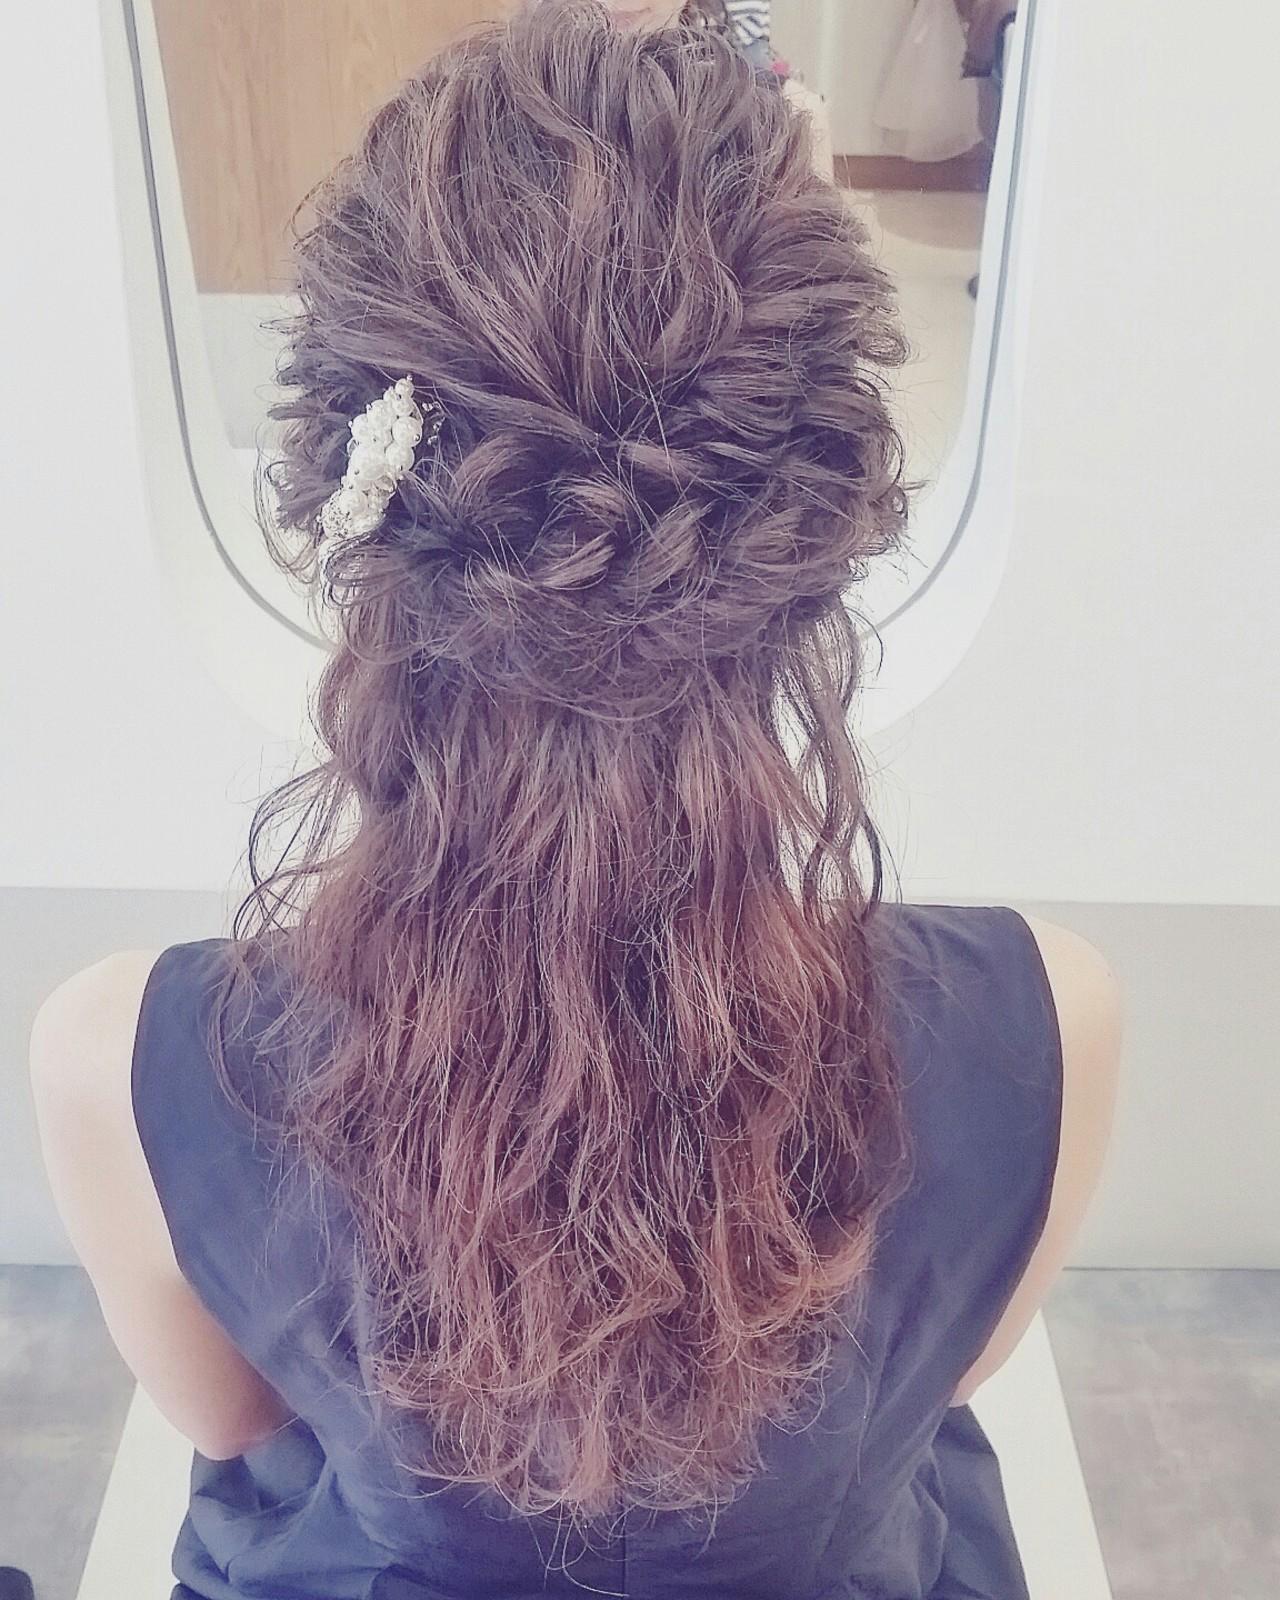 ハーフアップ ショート 簡単ヘアアレンジ 編み込み ヘアスタイルや髪型の写真・画像